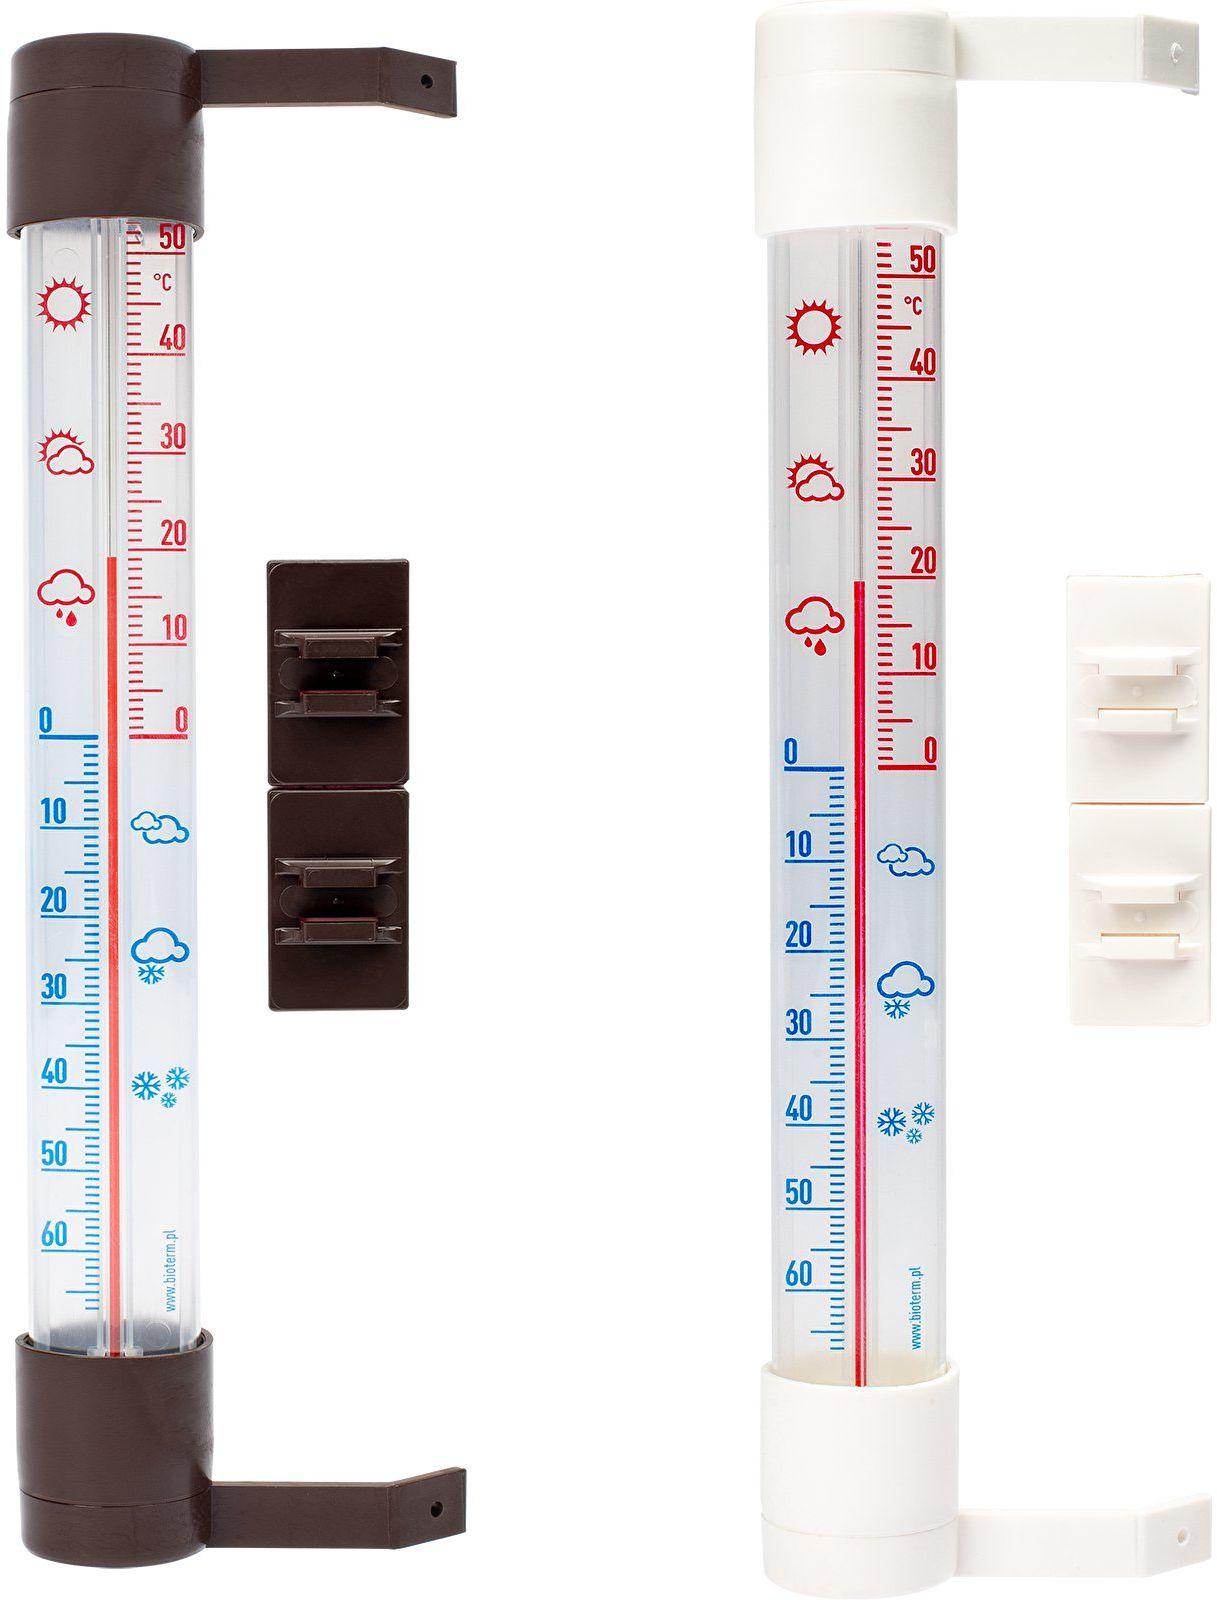 Termometr zewnętrzny z transparentną skalą